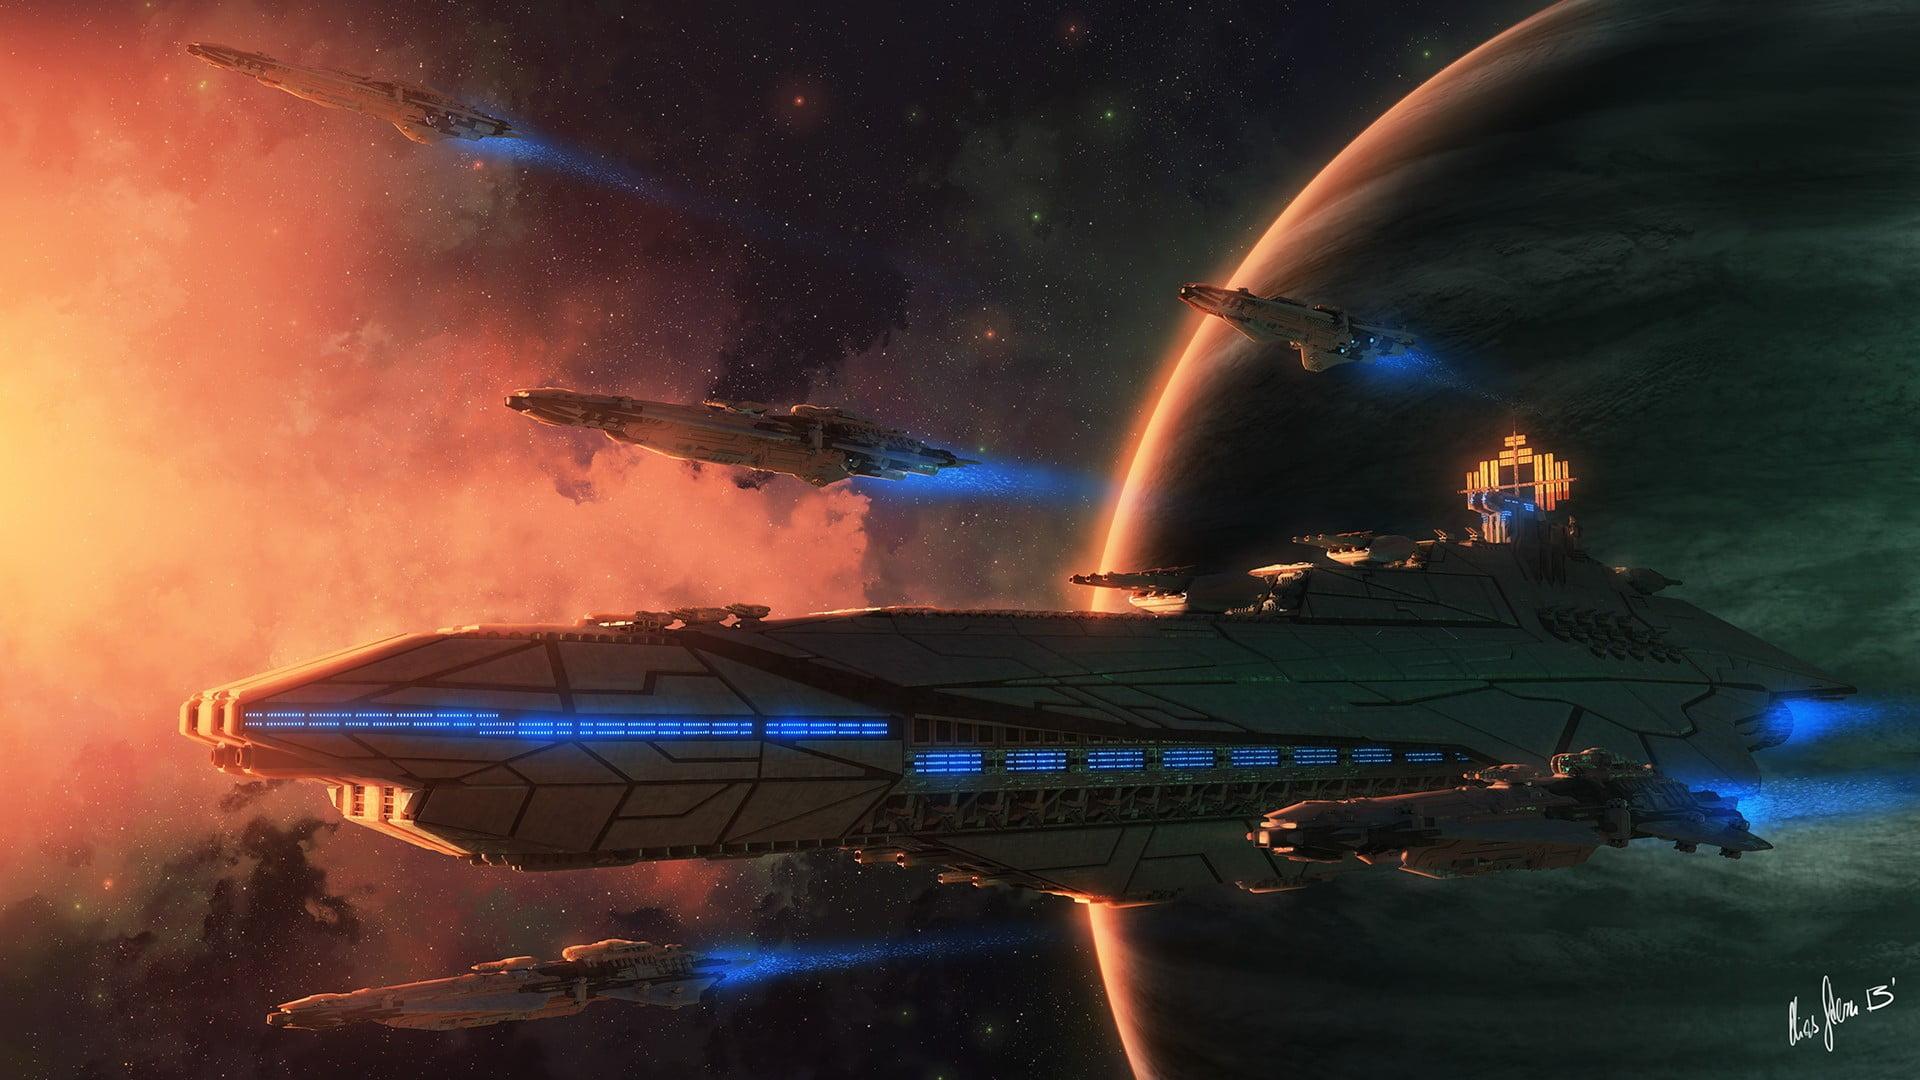 Star Wars Ship Wallpaper Posted By John Mercado